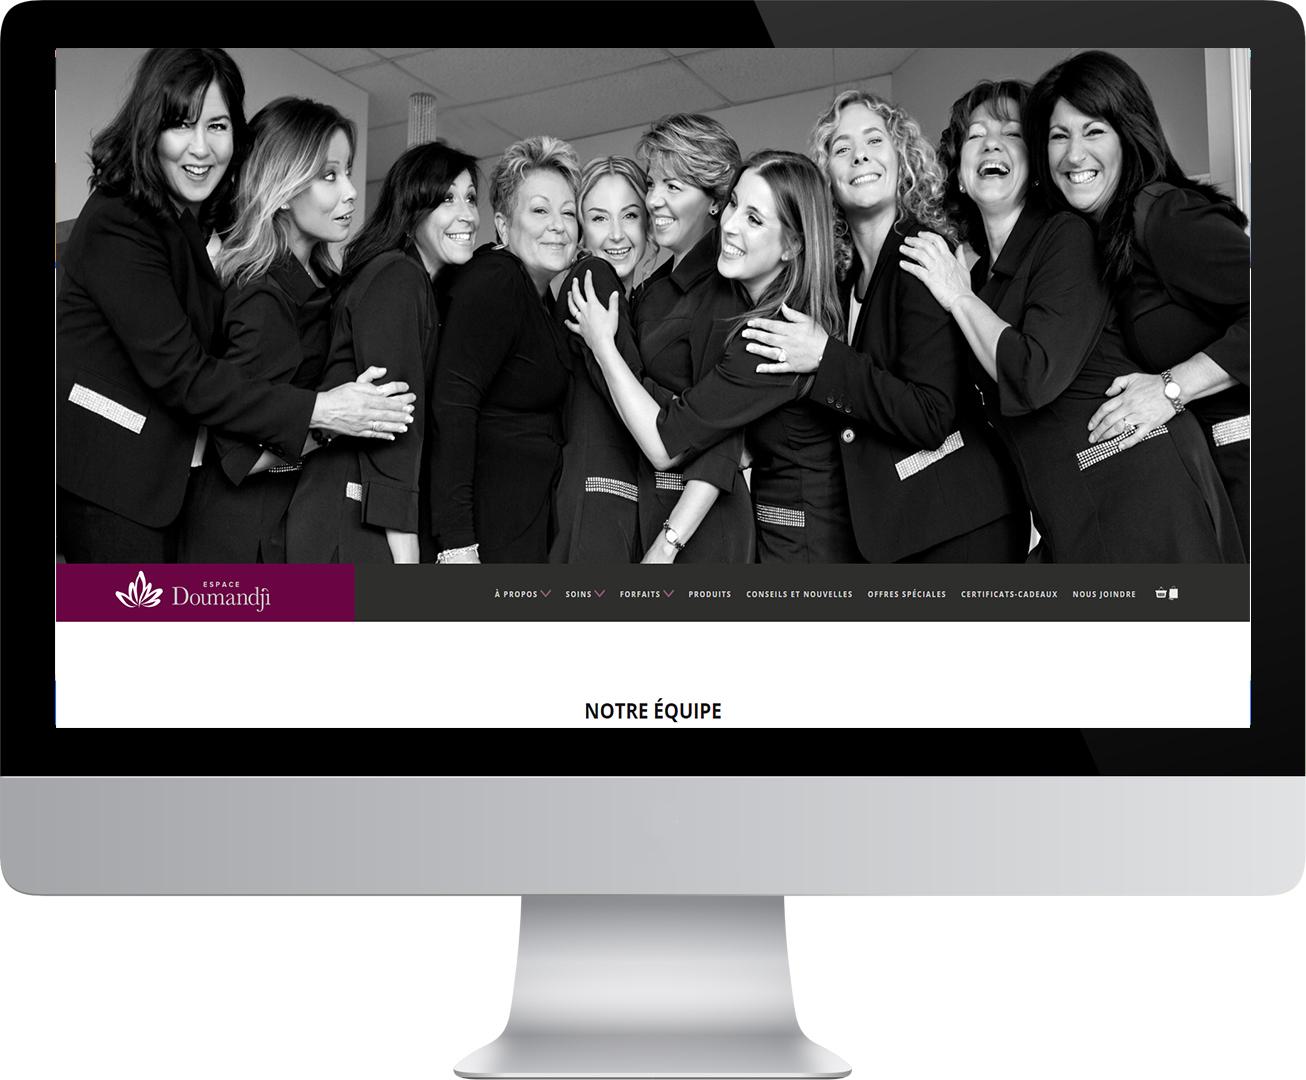 Site Web d'Espace Doumandji dans un écran d'ordinateur